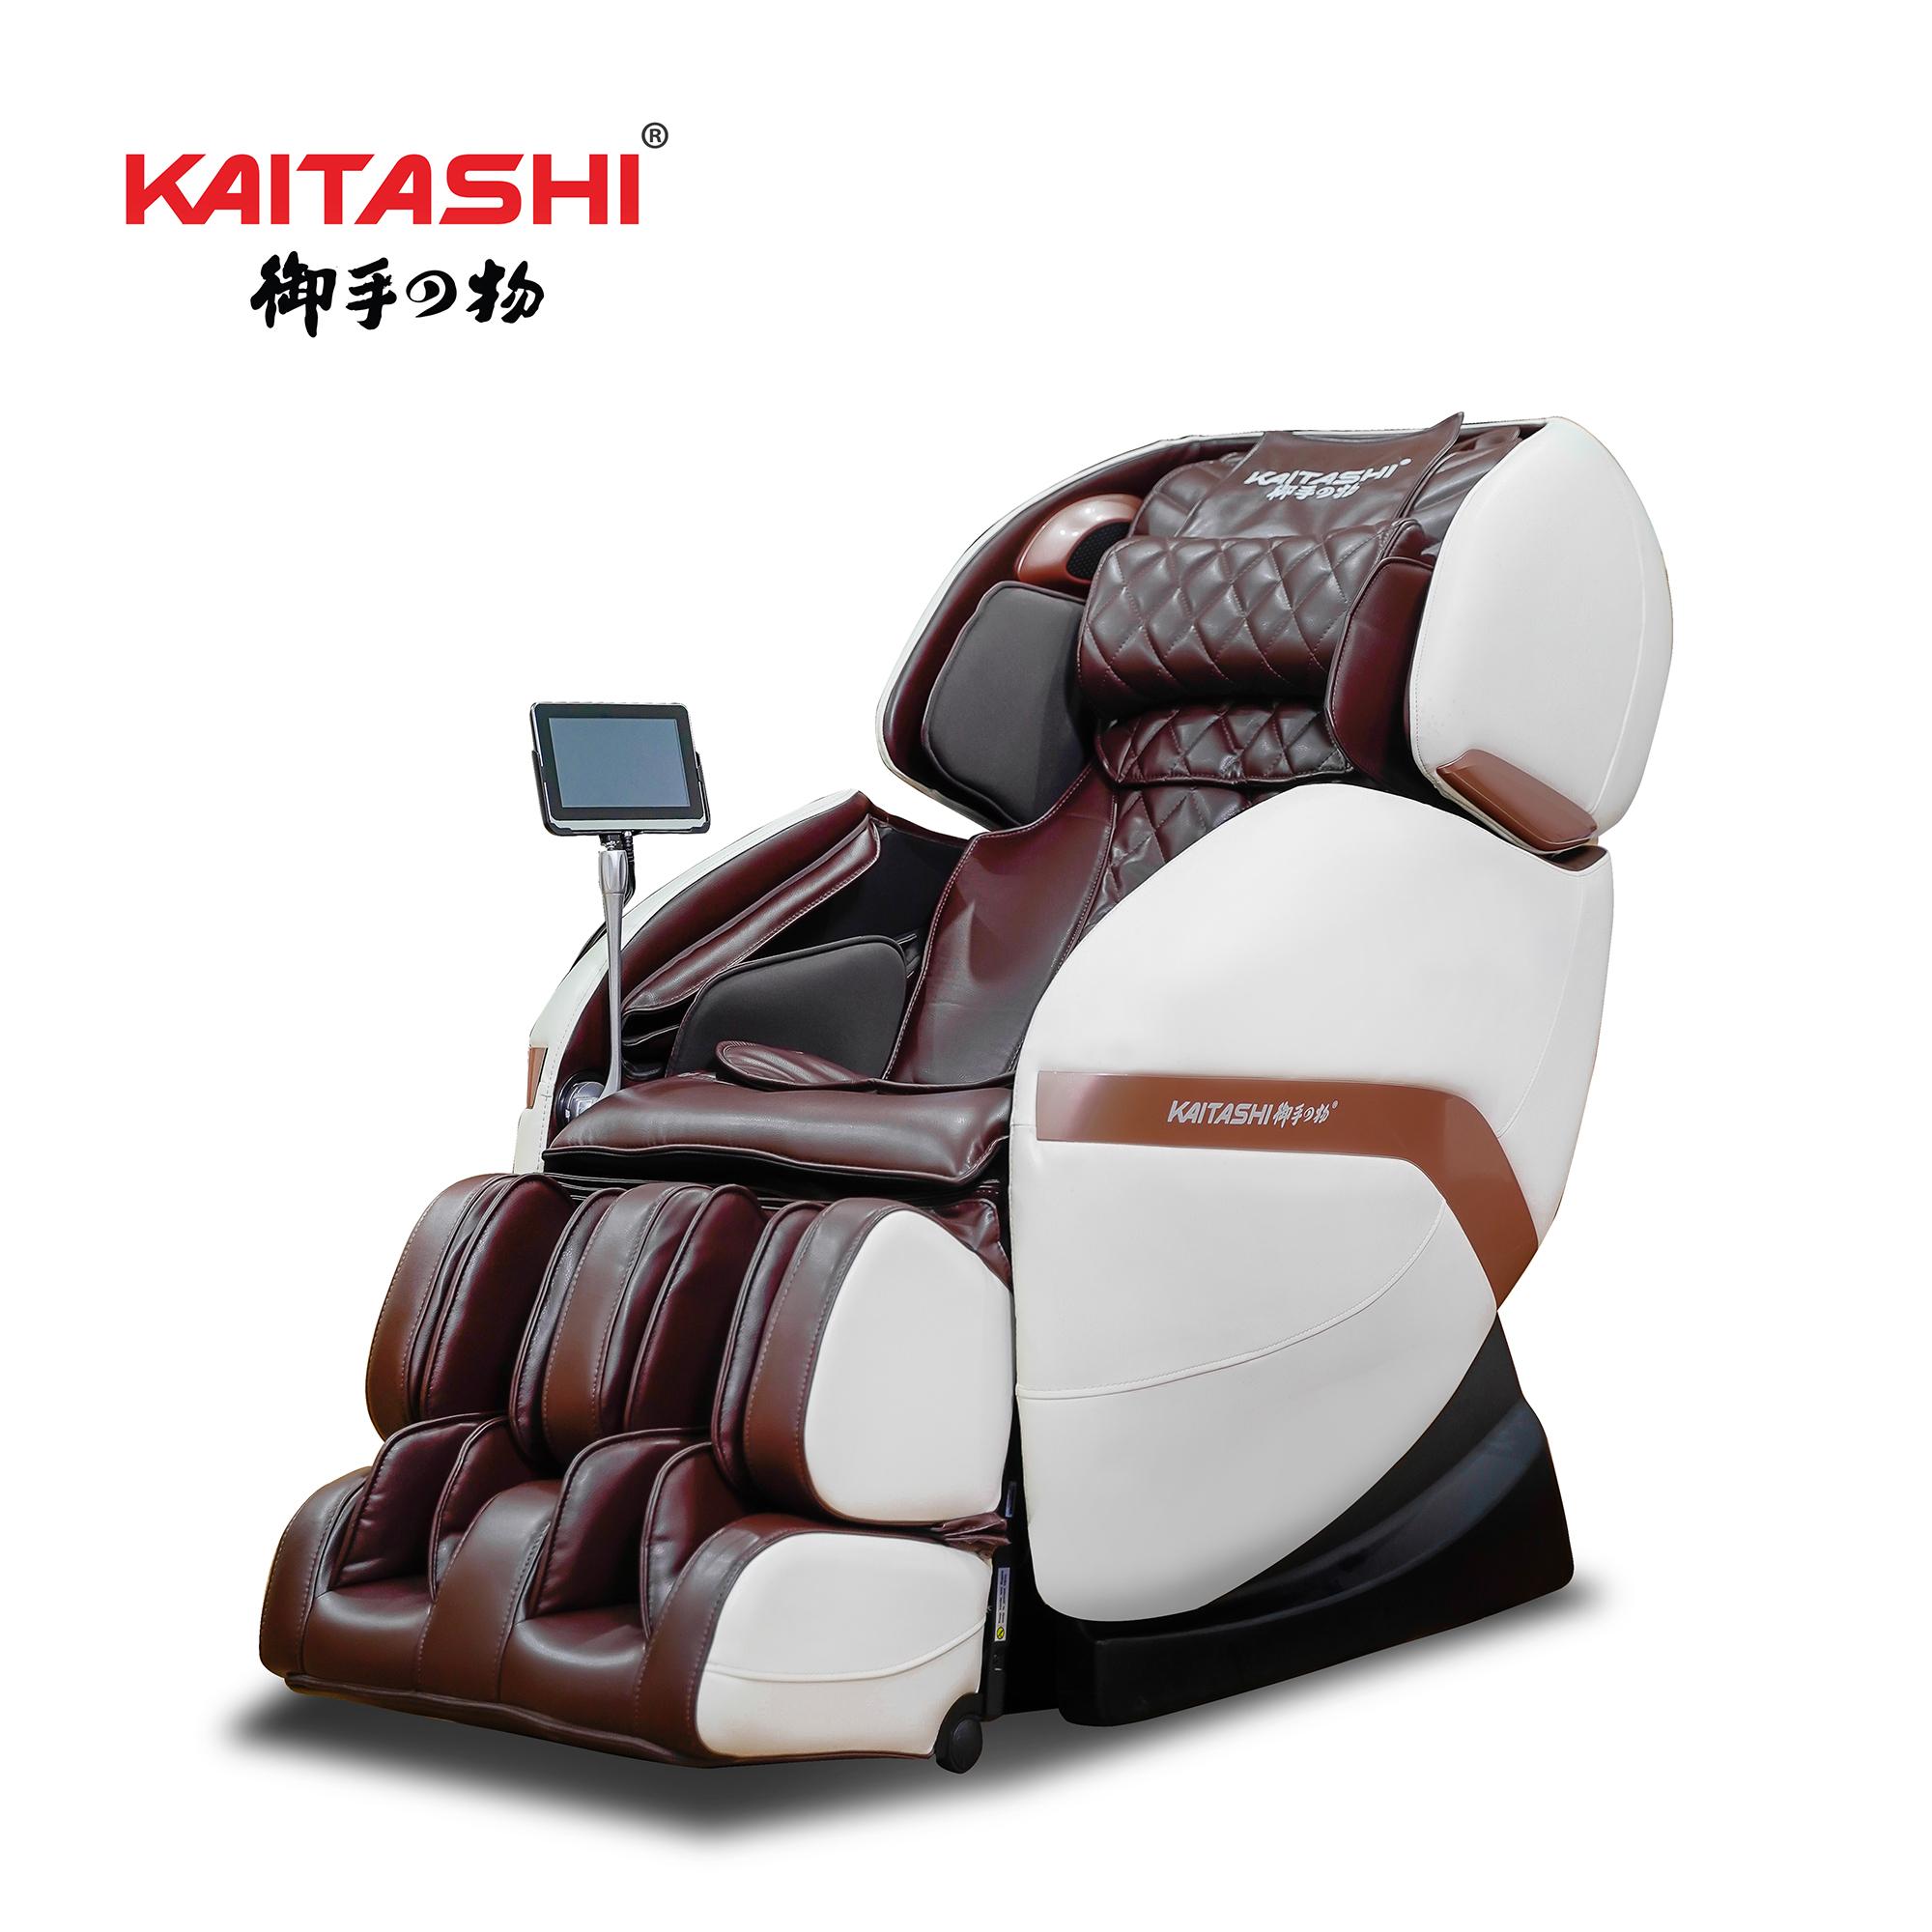 Ghế massage Kaitashi KS-200 Nhập Khẩu Giá Rẻ